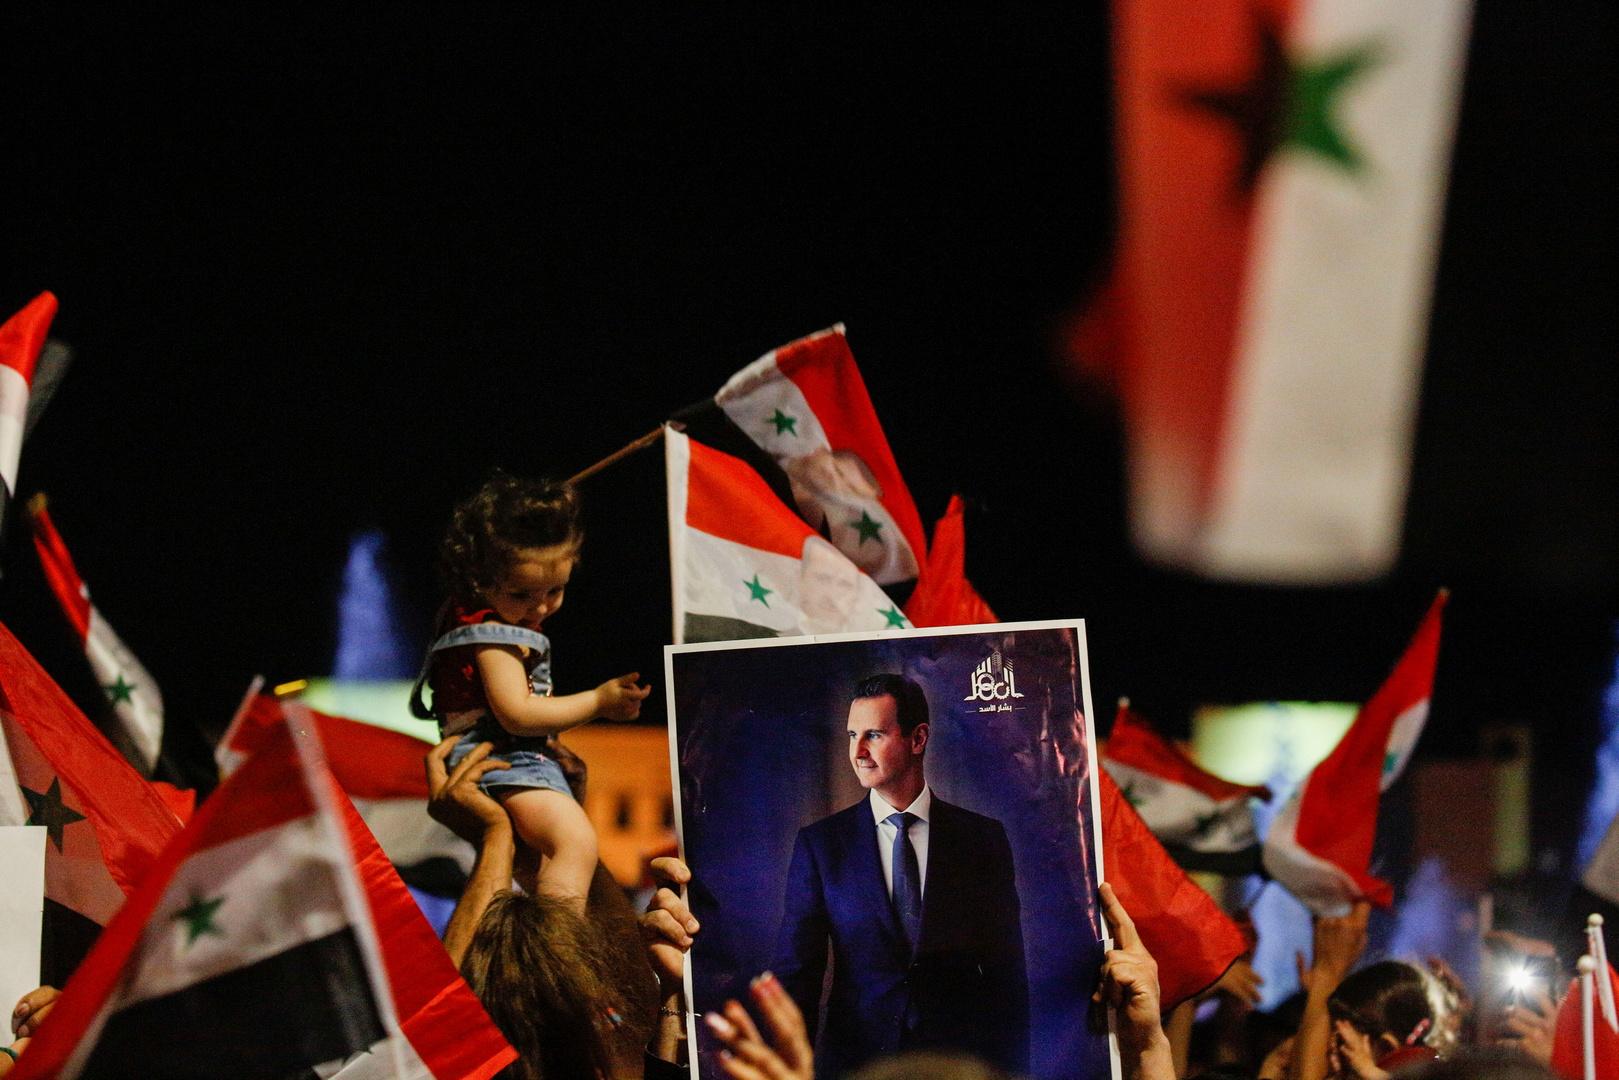 موسكو: الانتخابات في سوريا مهمة لتعزيز استقرارها والتصريحات الغربية عنها ضغط سياسي